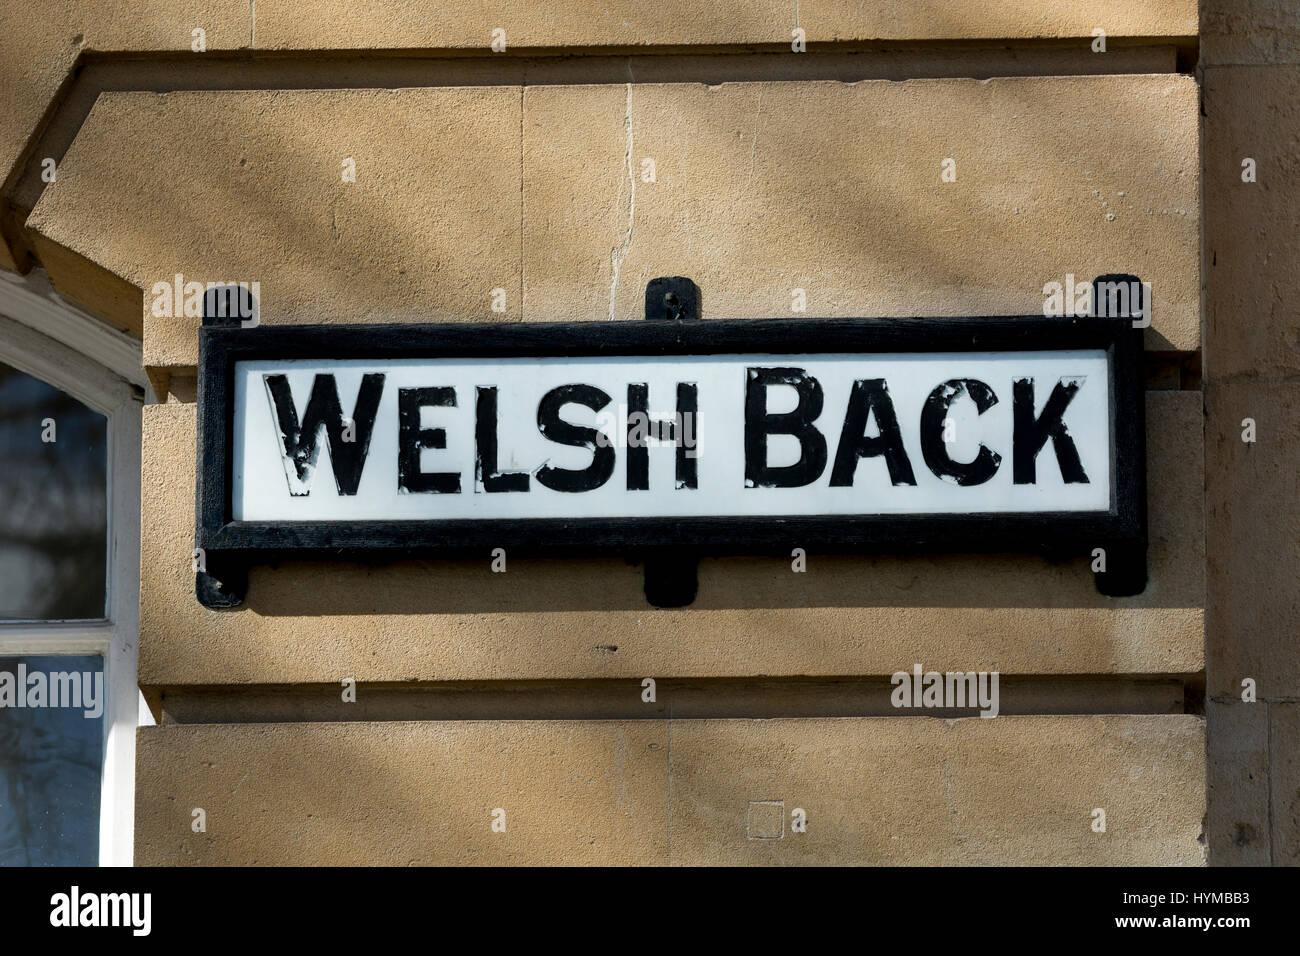 Welsh Back street sign, Bristol, UK - Stock Image